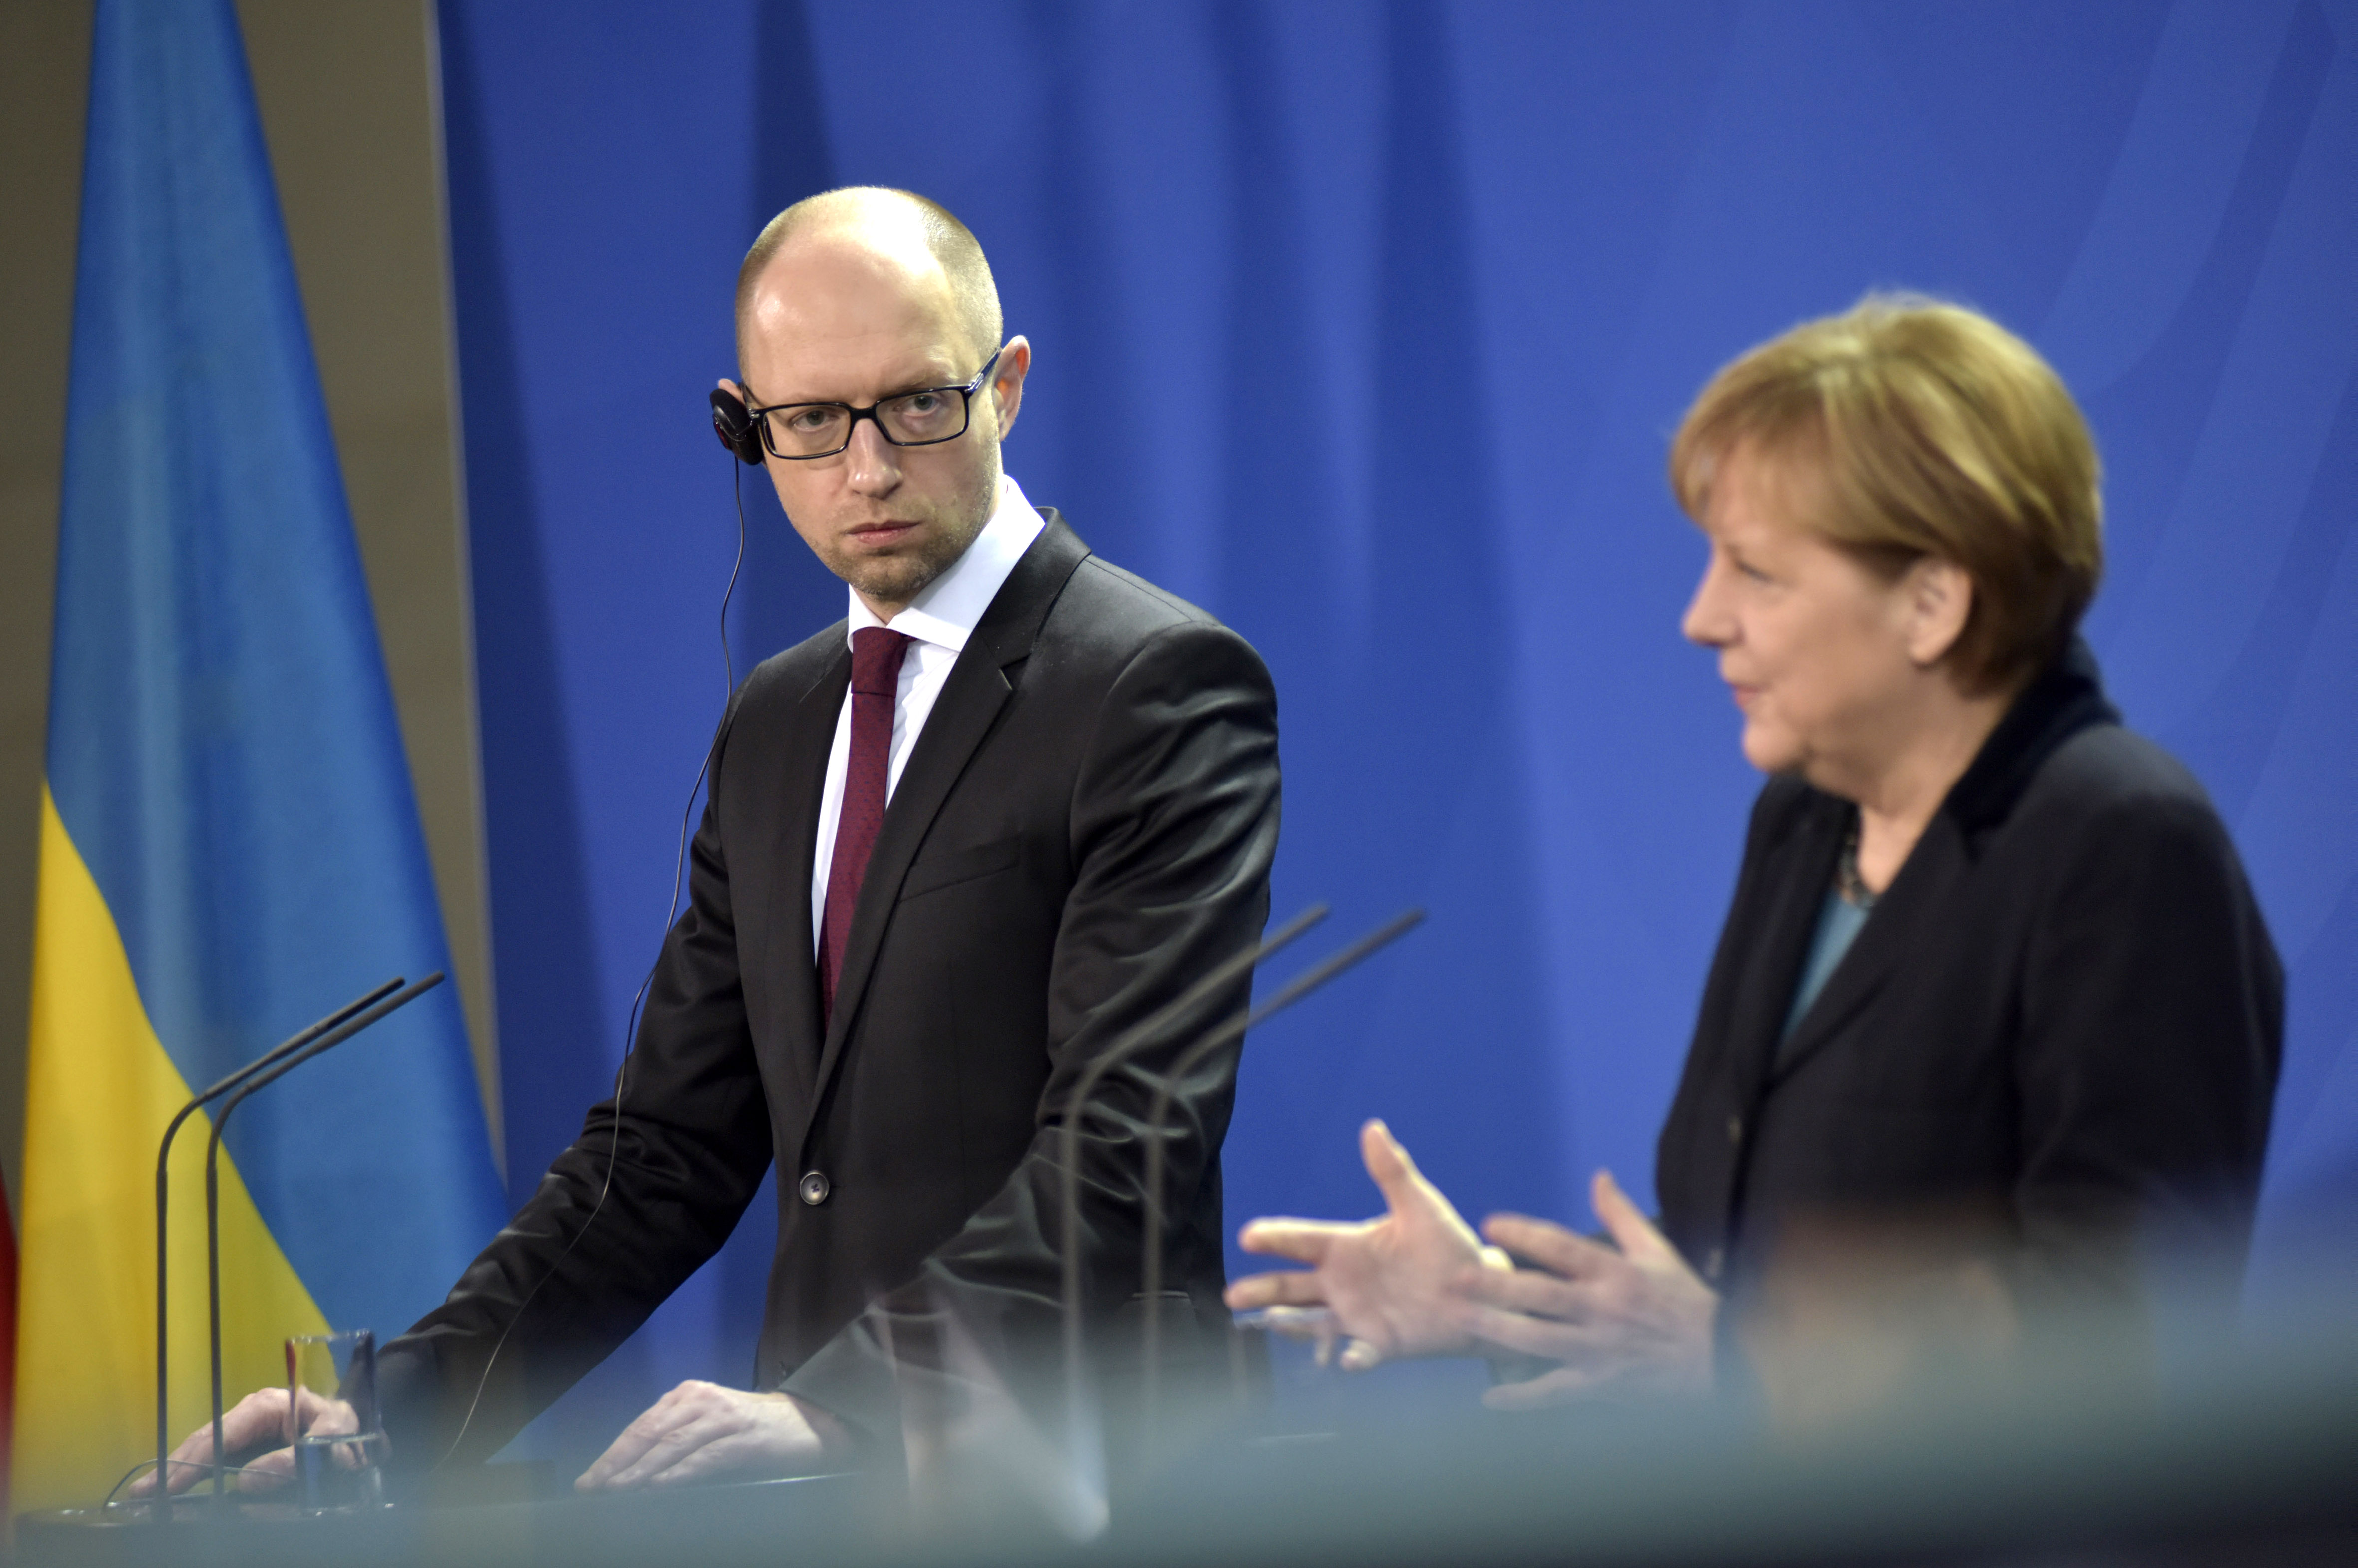 Арсений Яценюк и Ангела Меркель во время пресс-конференции в Берлине